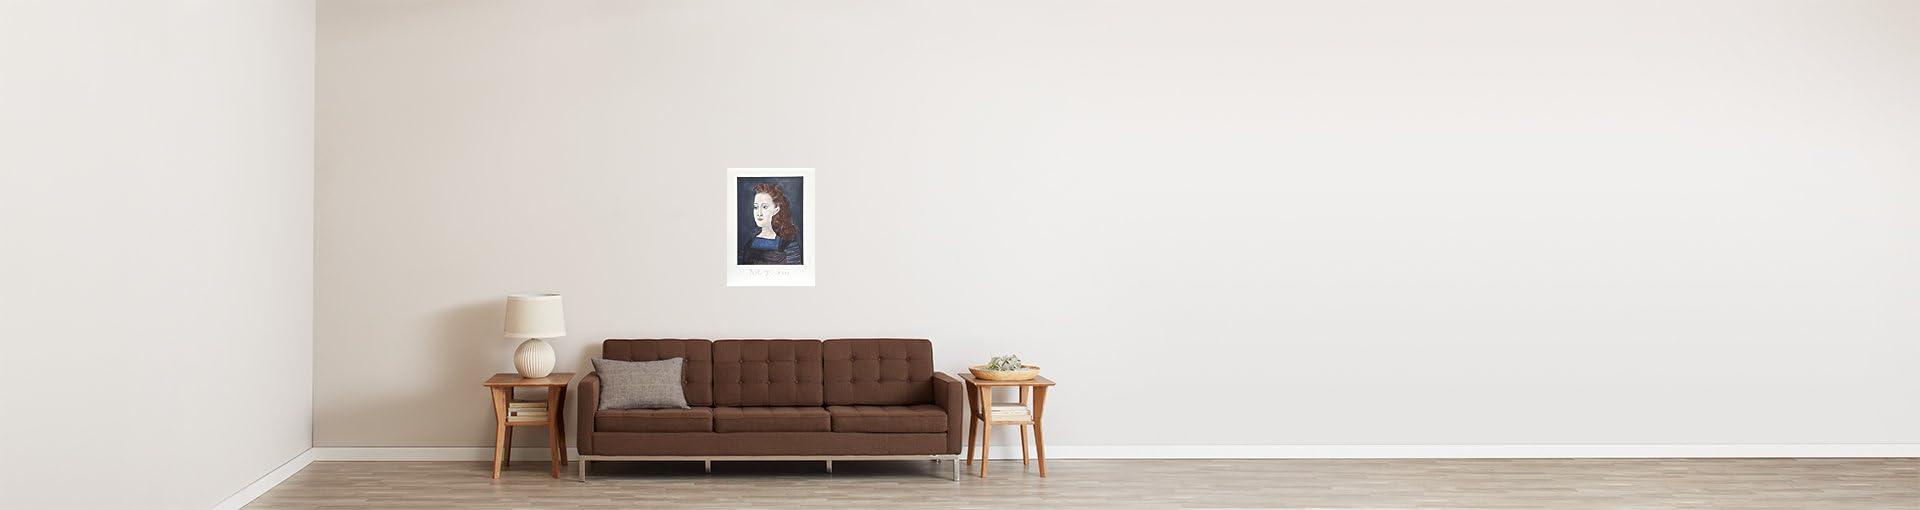 Amazon.com: Femme a la Collerette Bleue: Pablo Picasso: Fine Art